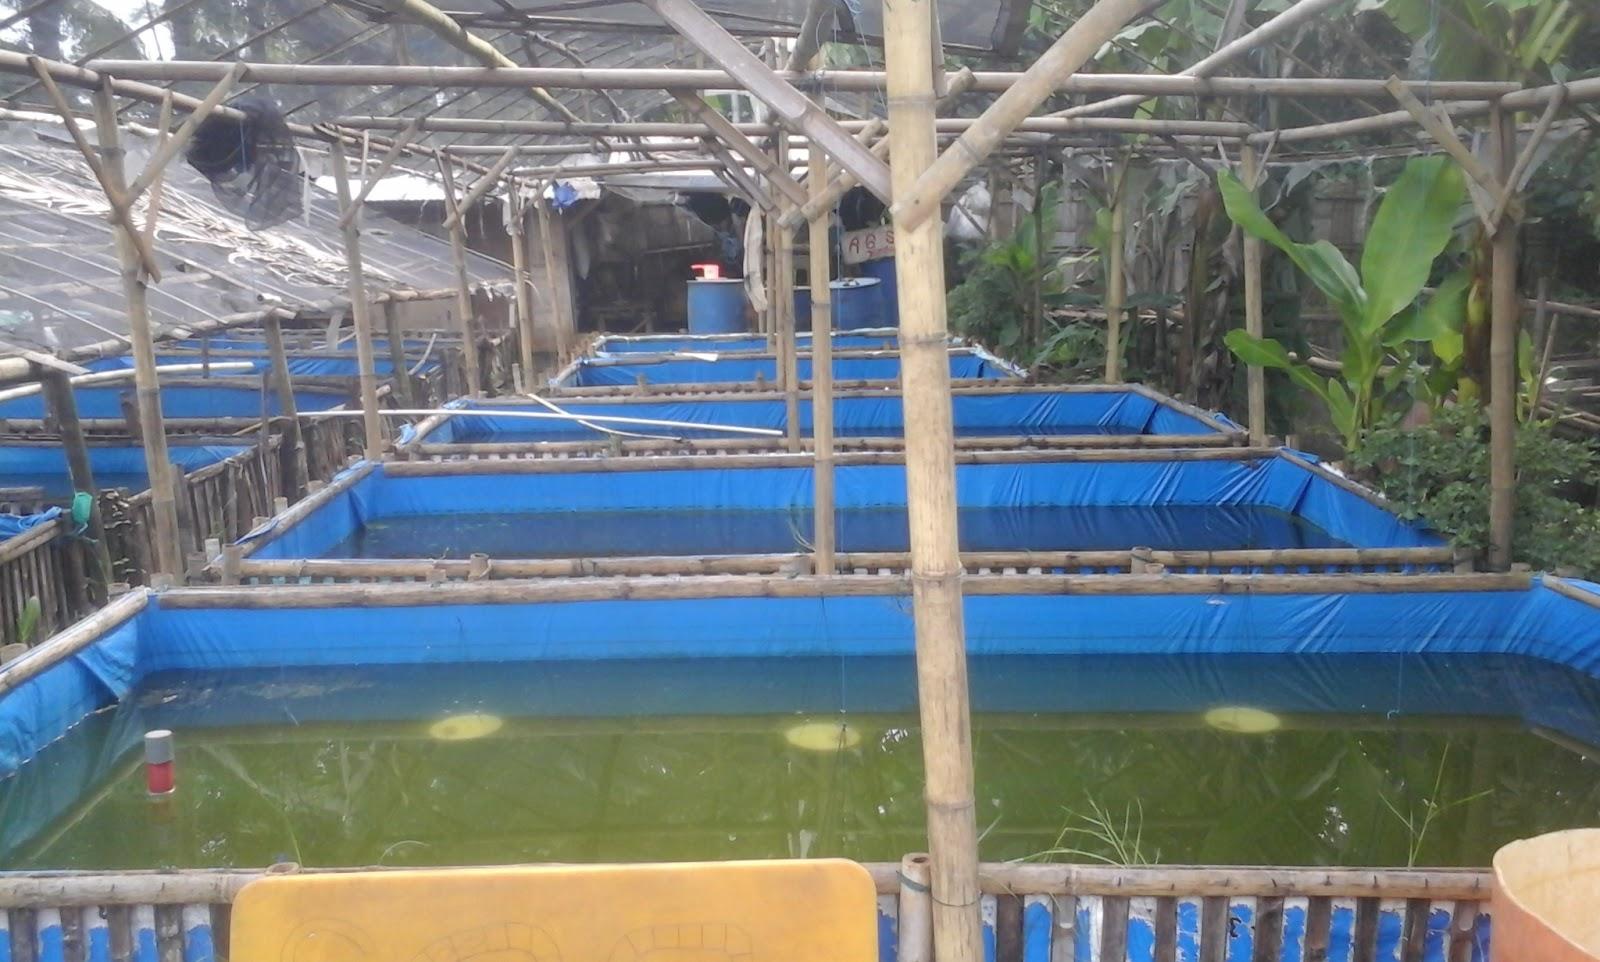 Contoh Isi Proposal Pengajuan Usaha Budidaya Ikan Lele Panimbang Online